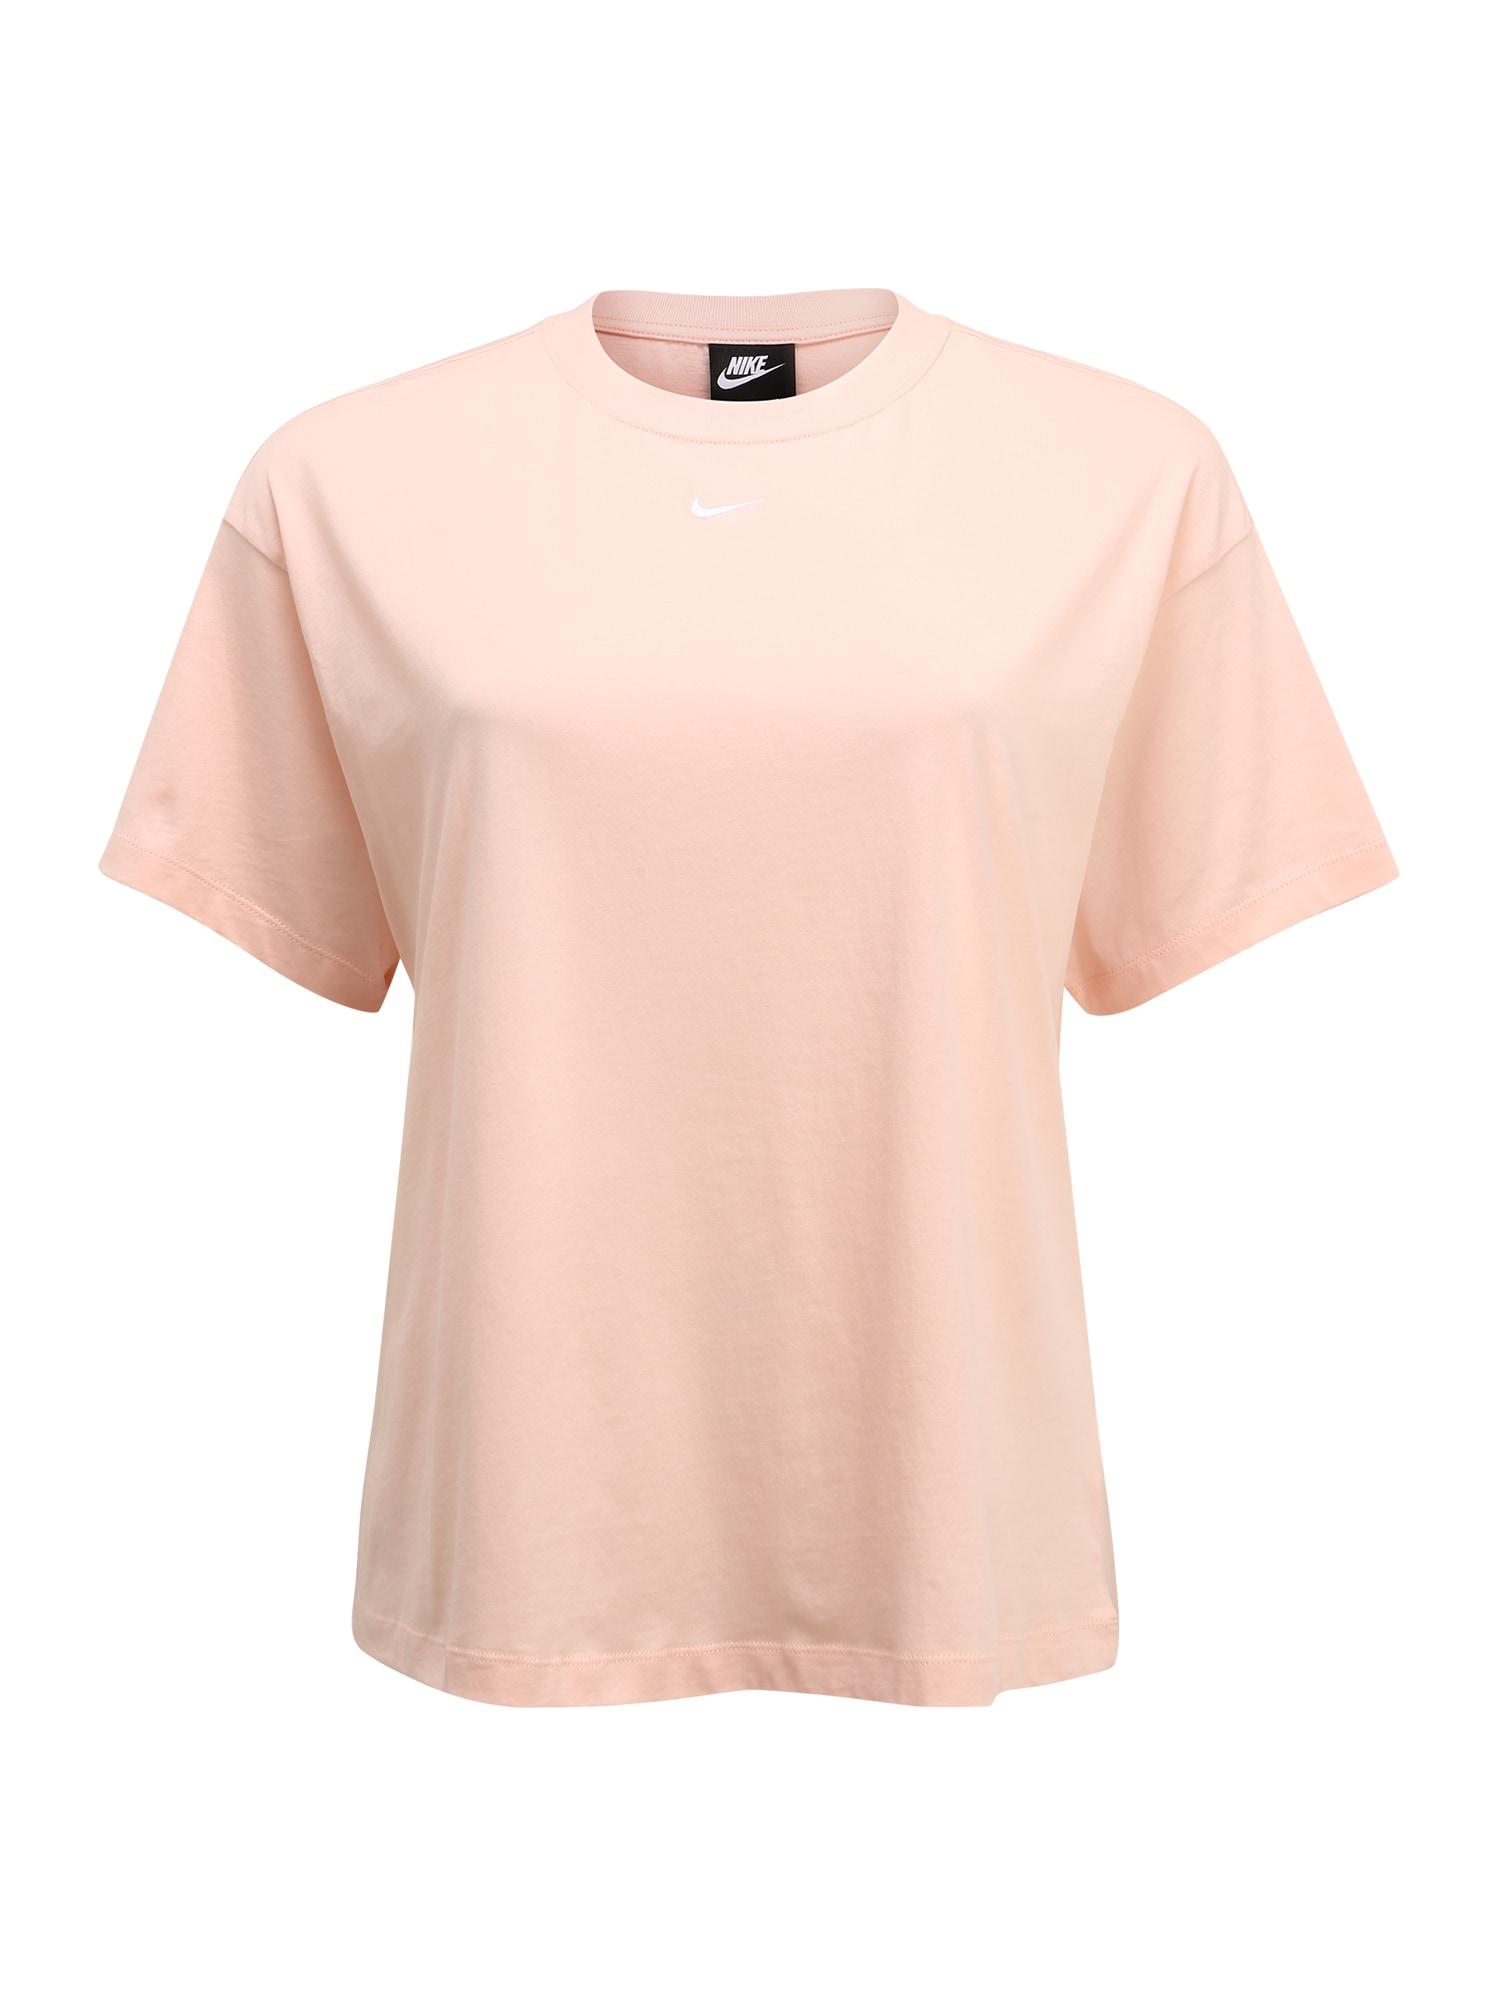 Nike Sportswear Tričko 'W NSW ESSNTL TOP SS BF PLUS'  koralová